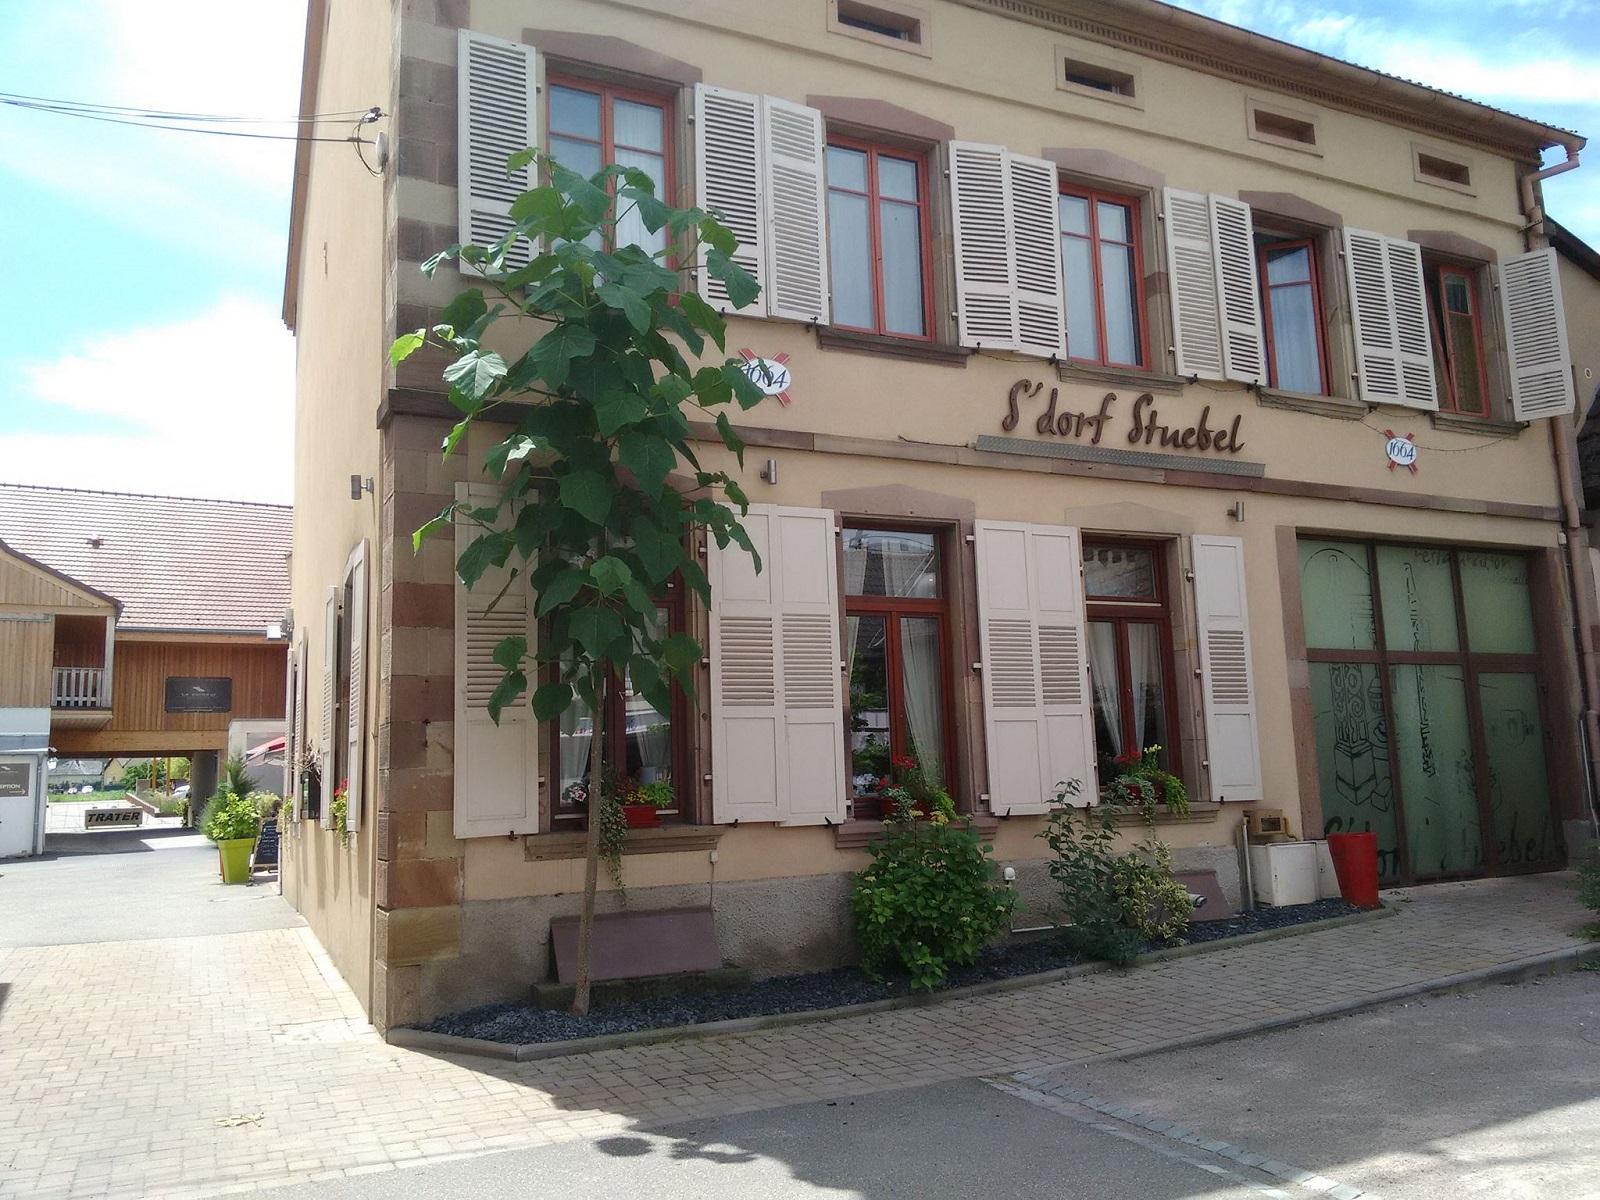 restaurant s 39 dorf stuebel dorlisheim